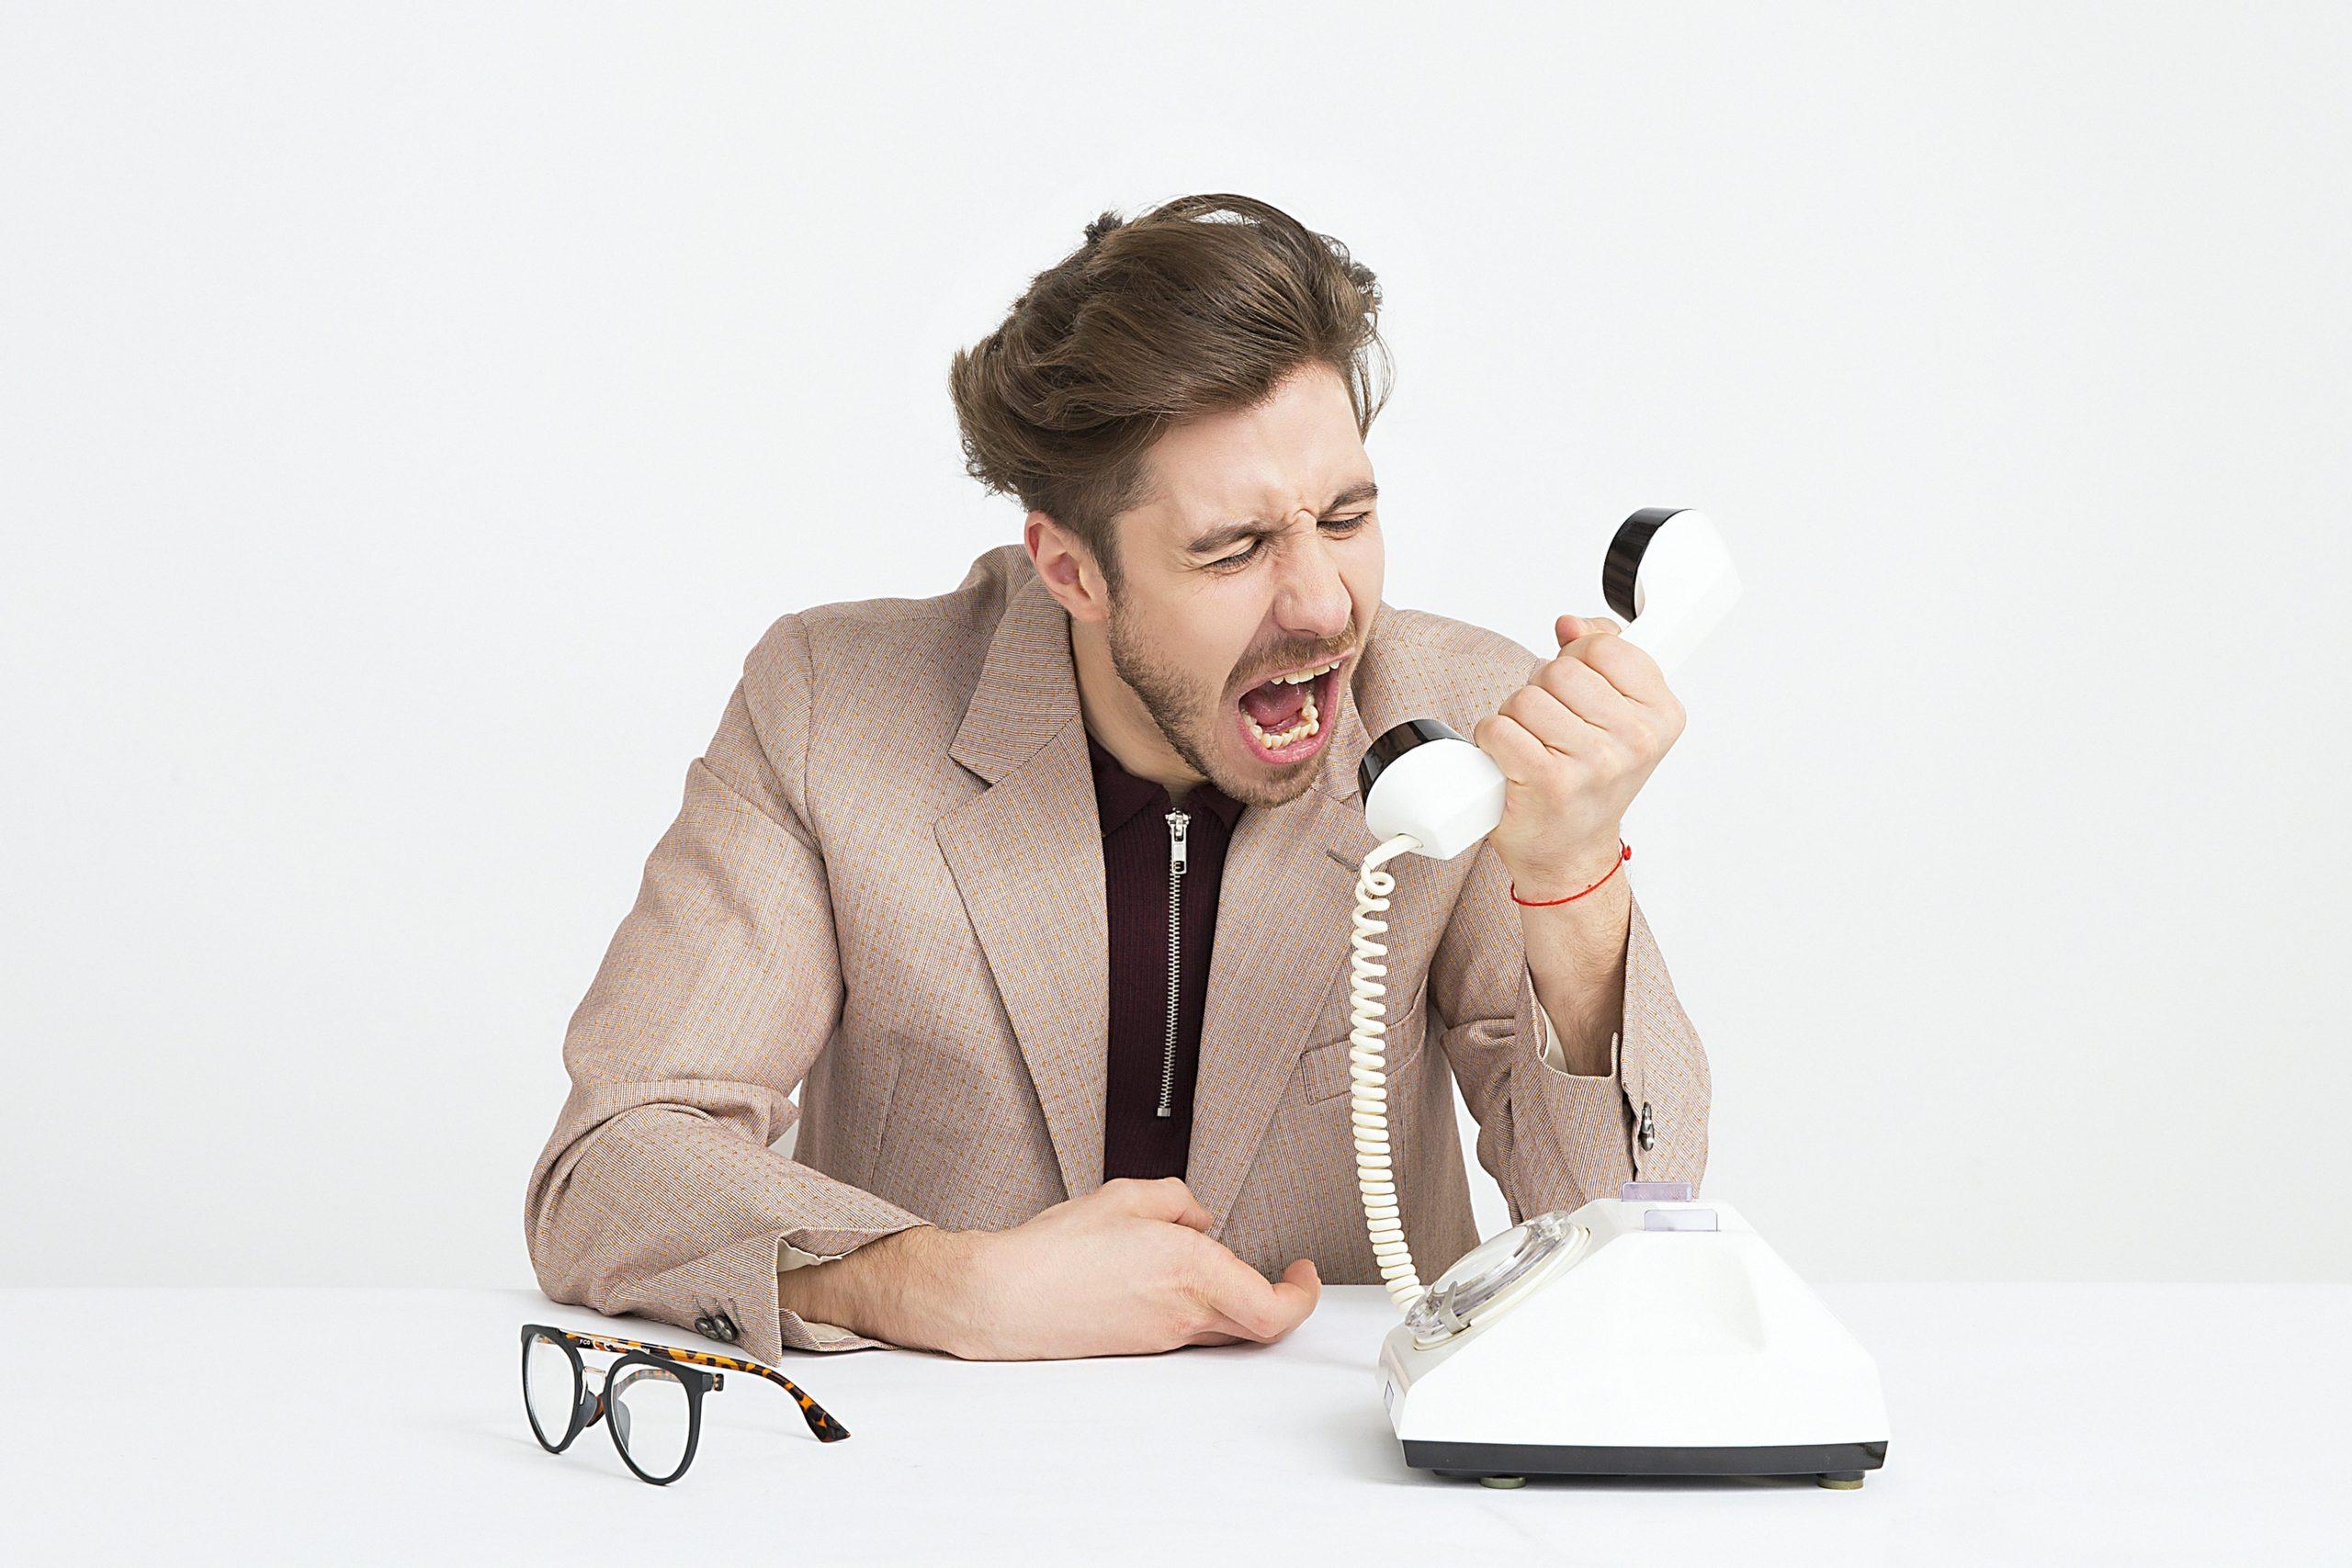 به گفتهی هارل که یکی از رهبران زن در مرکر ارتباط با مشتری است، مشتریان زمانی با این مراکز تماس میگیرند که چیزی خارج از کنترل آنها باشد